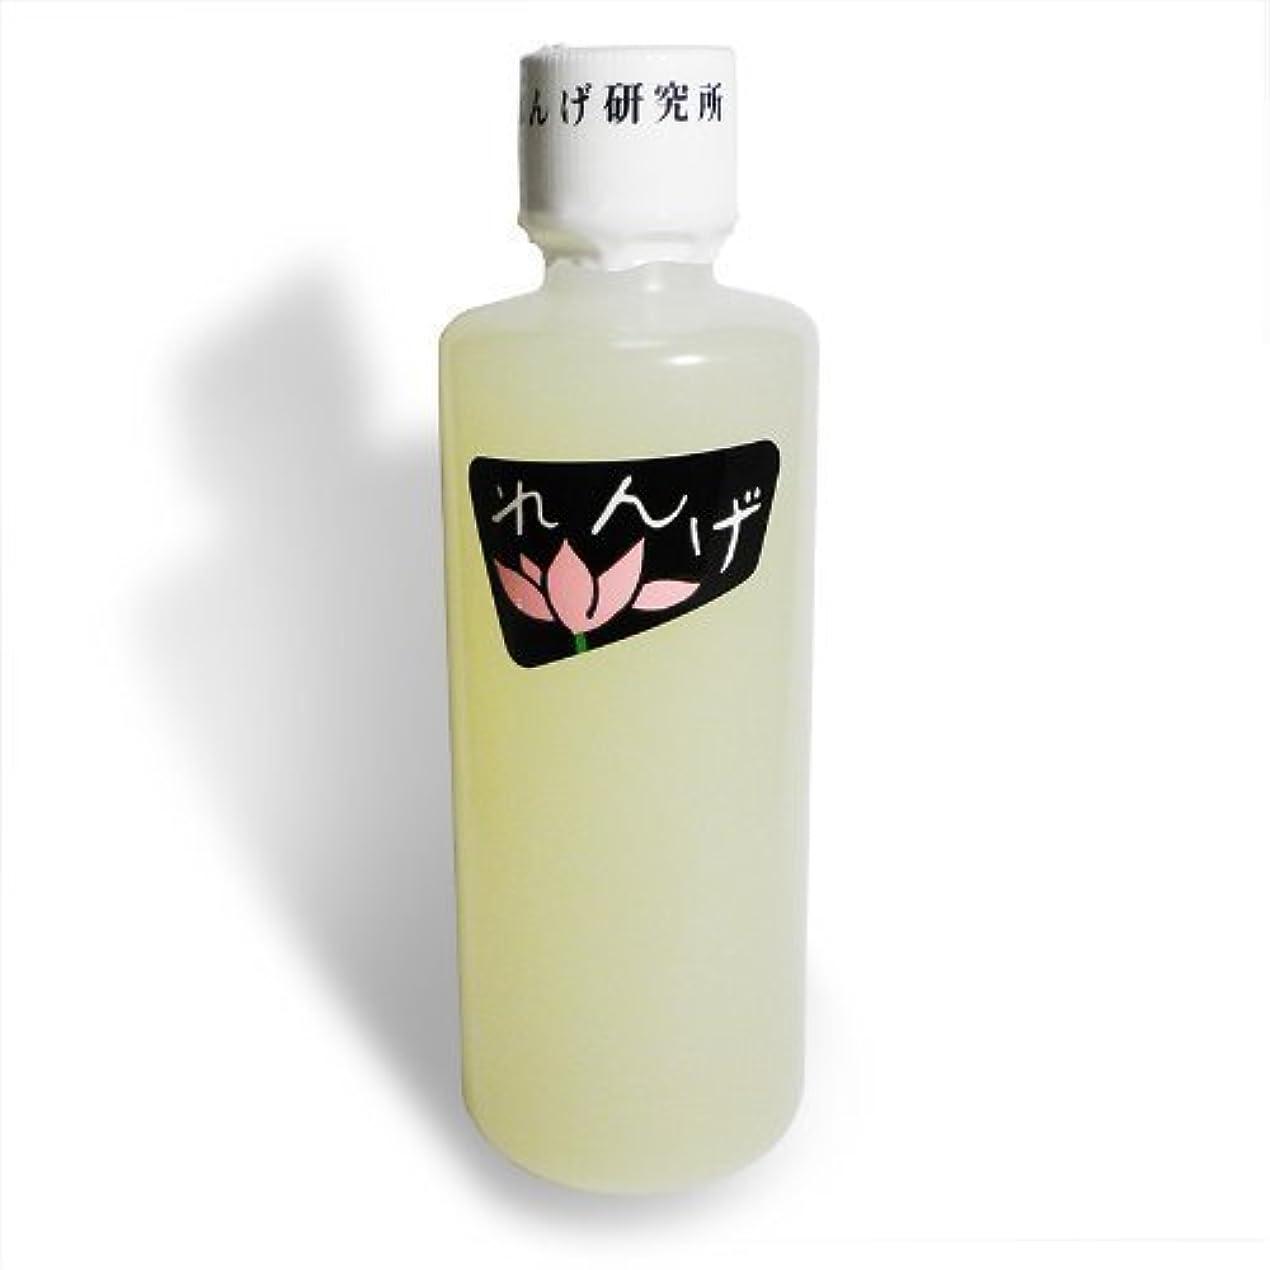 受け入れるエネルギーおんどりれんげ研究所 れんげ化粧水 140cc×6本